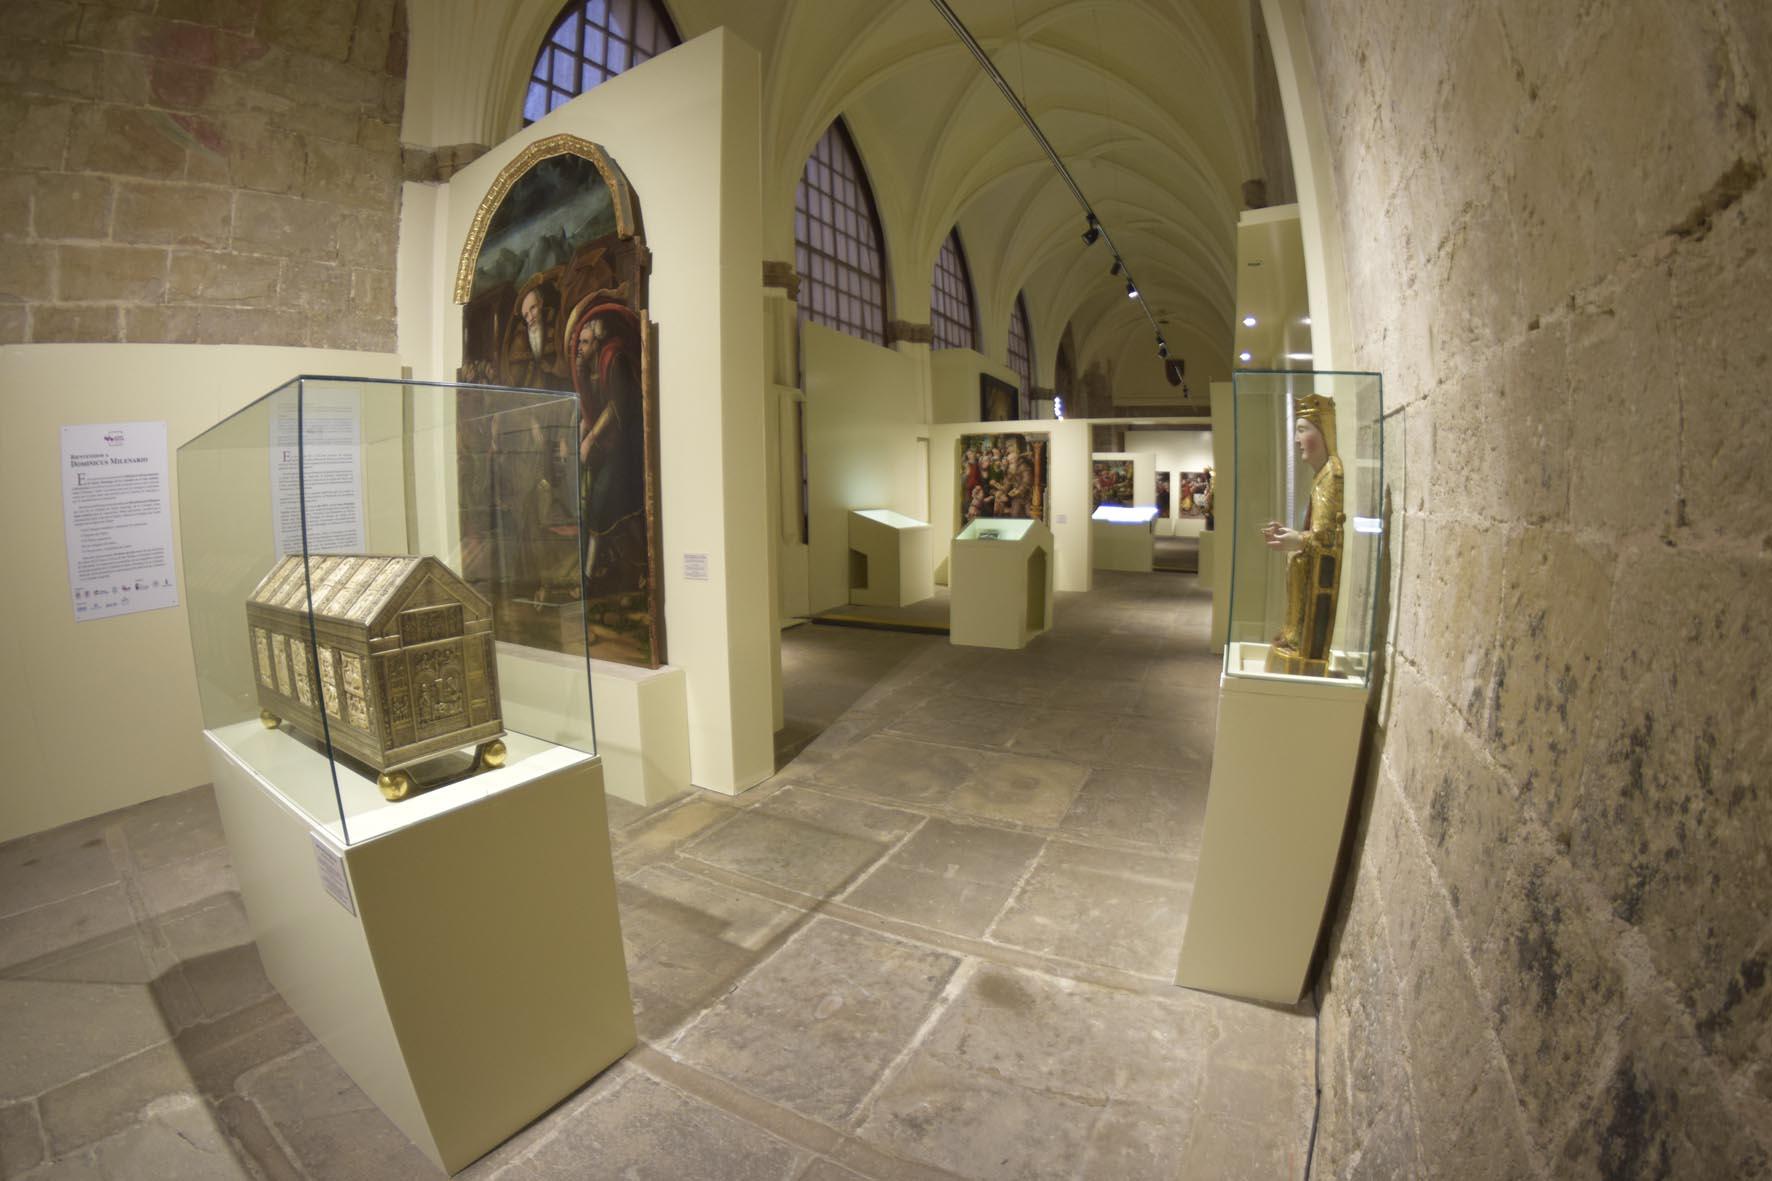 Gestión turística de monumentos y visita cultural